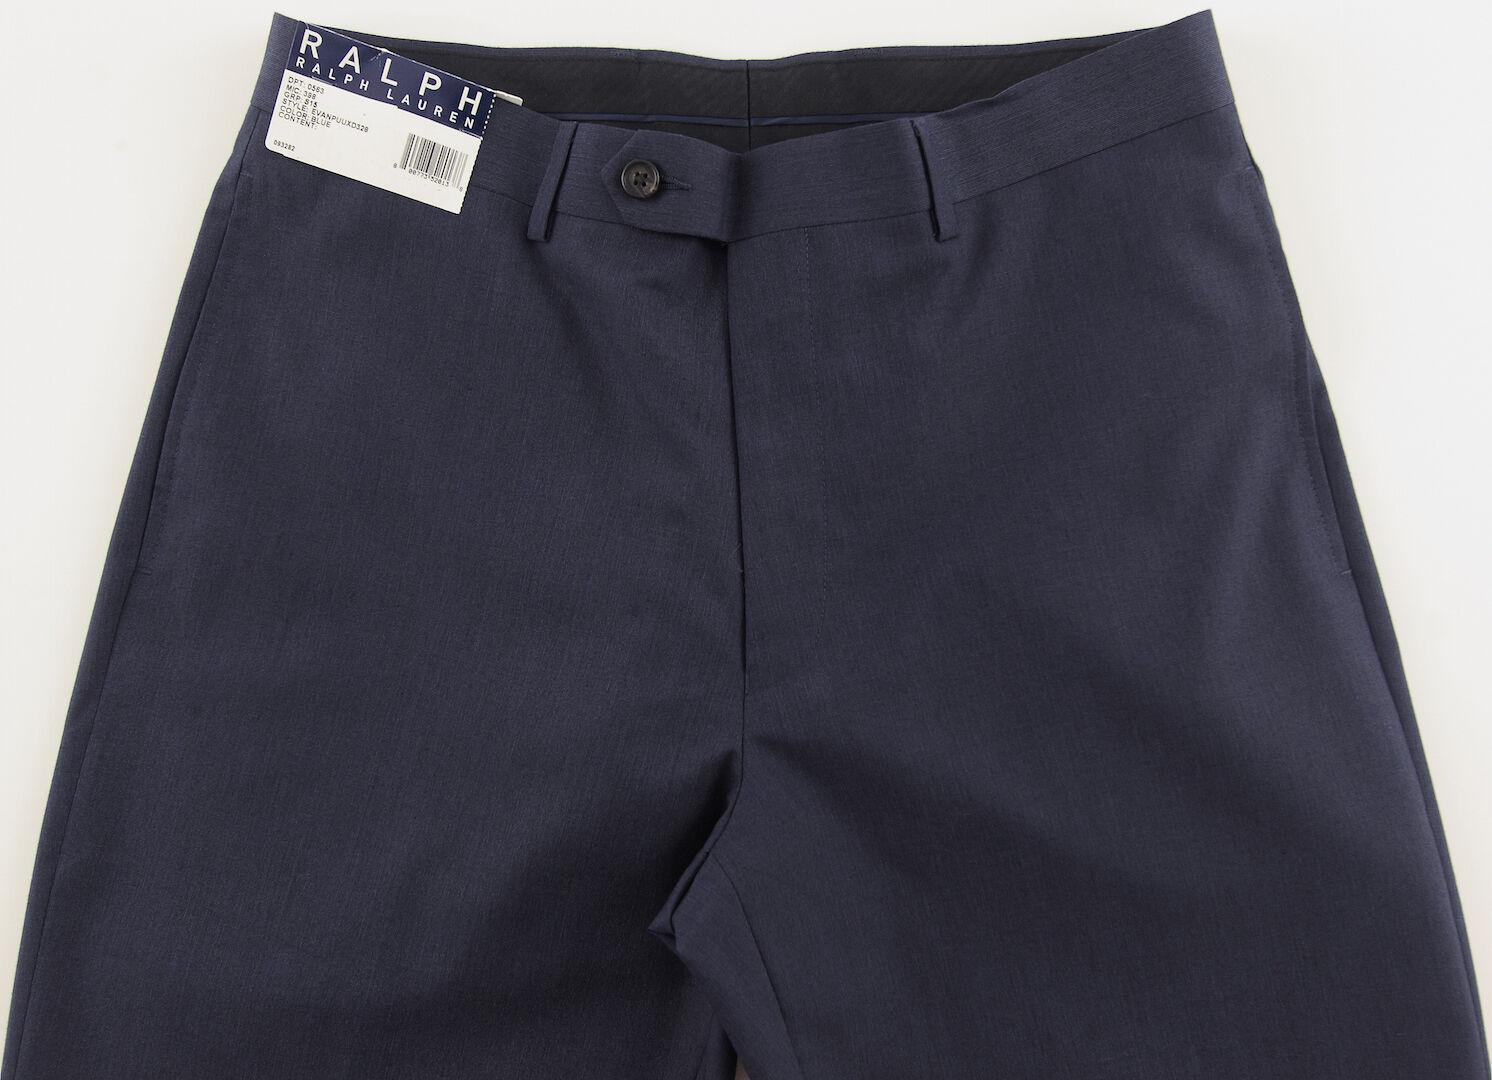 Men's RALPH LAUREN Navy bluee Dress Pants 34x32 34 32 NWT NEW Washable Nice